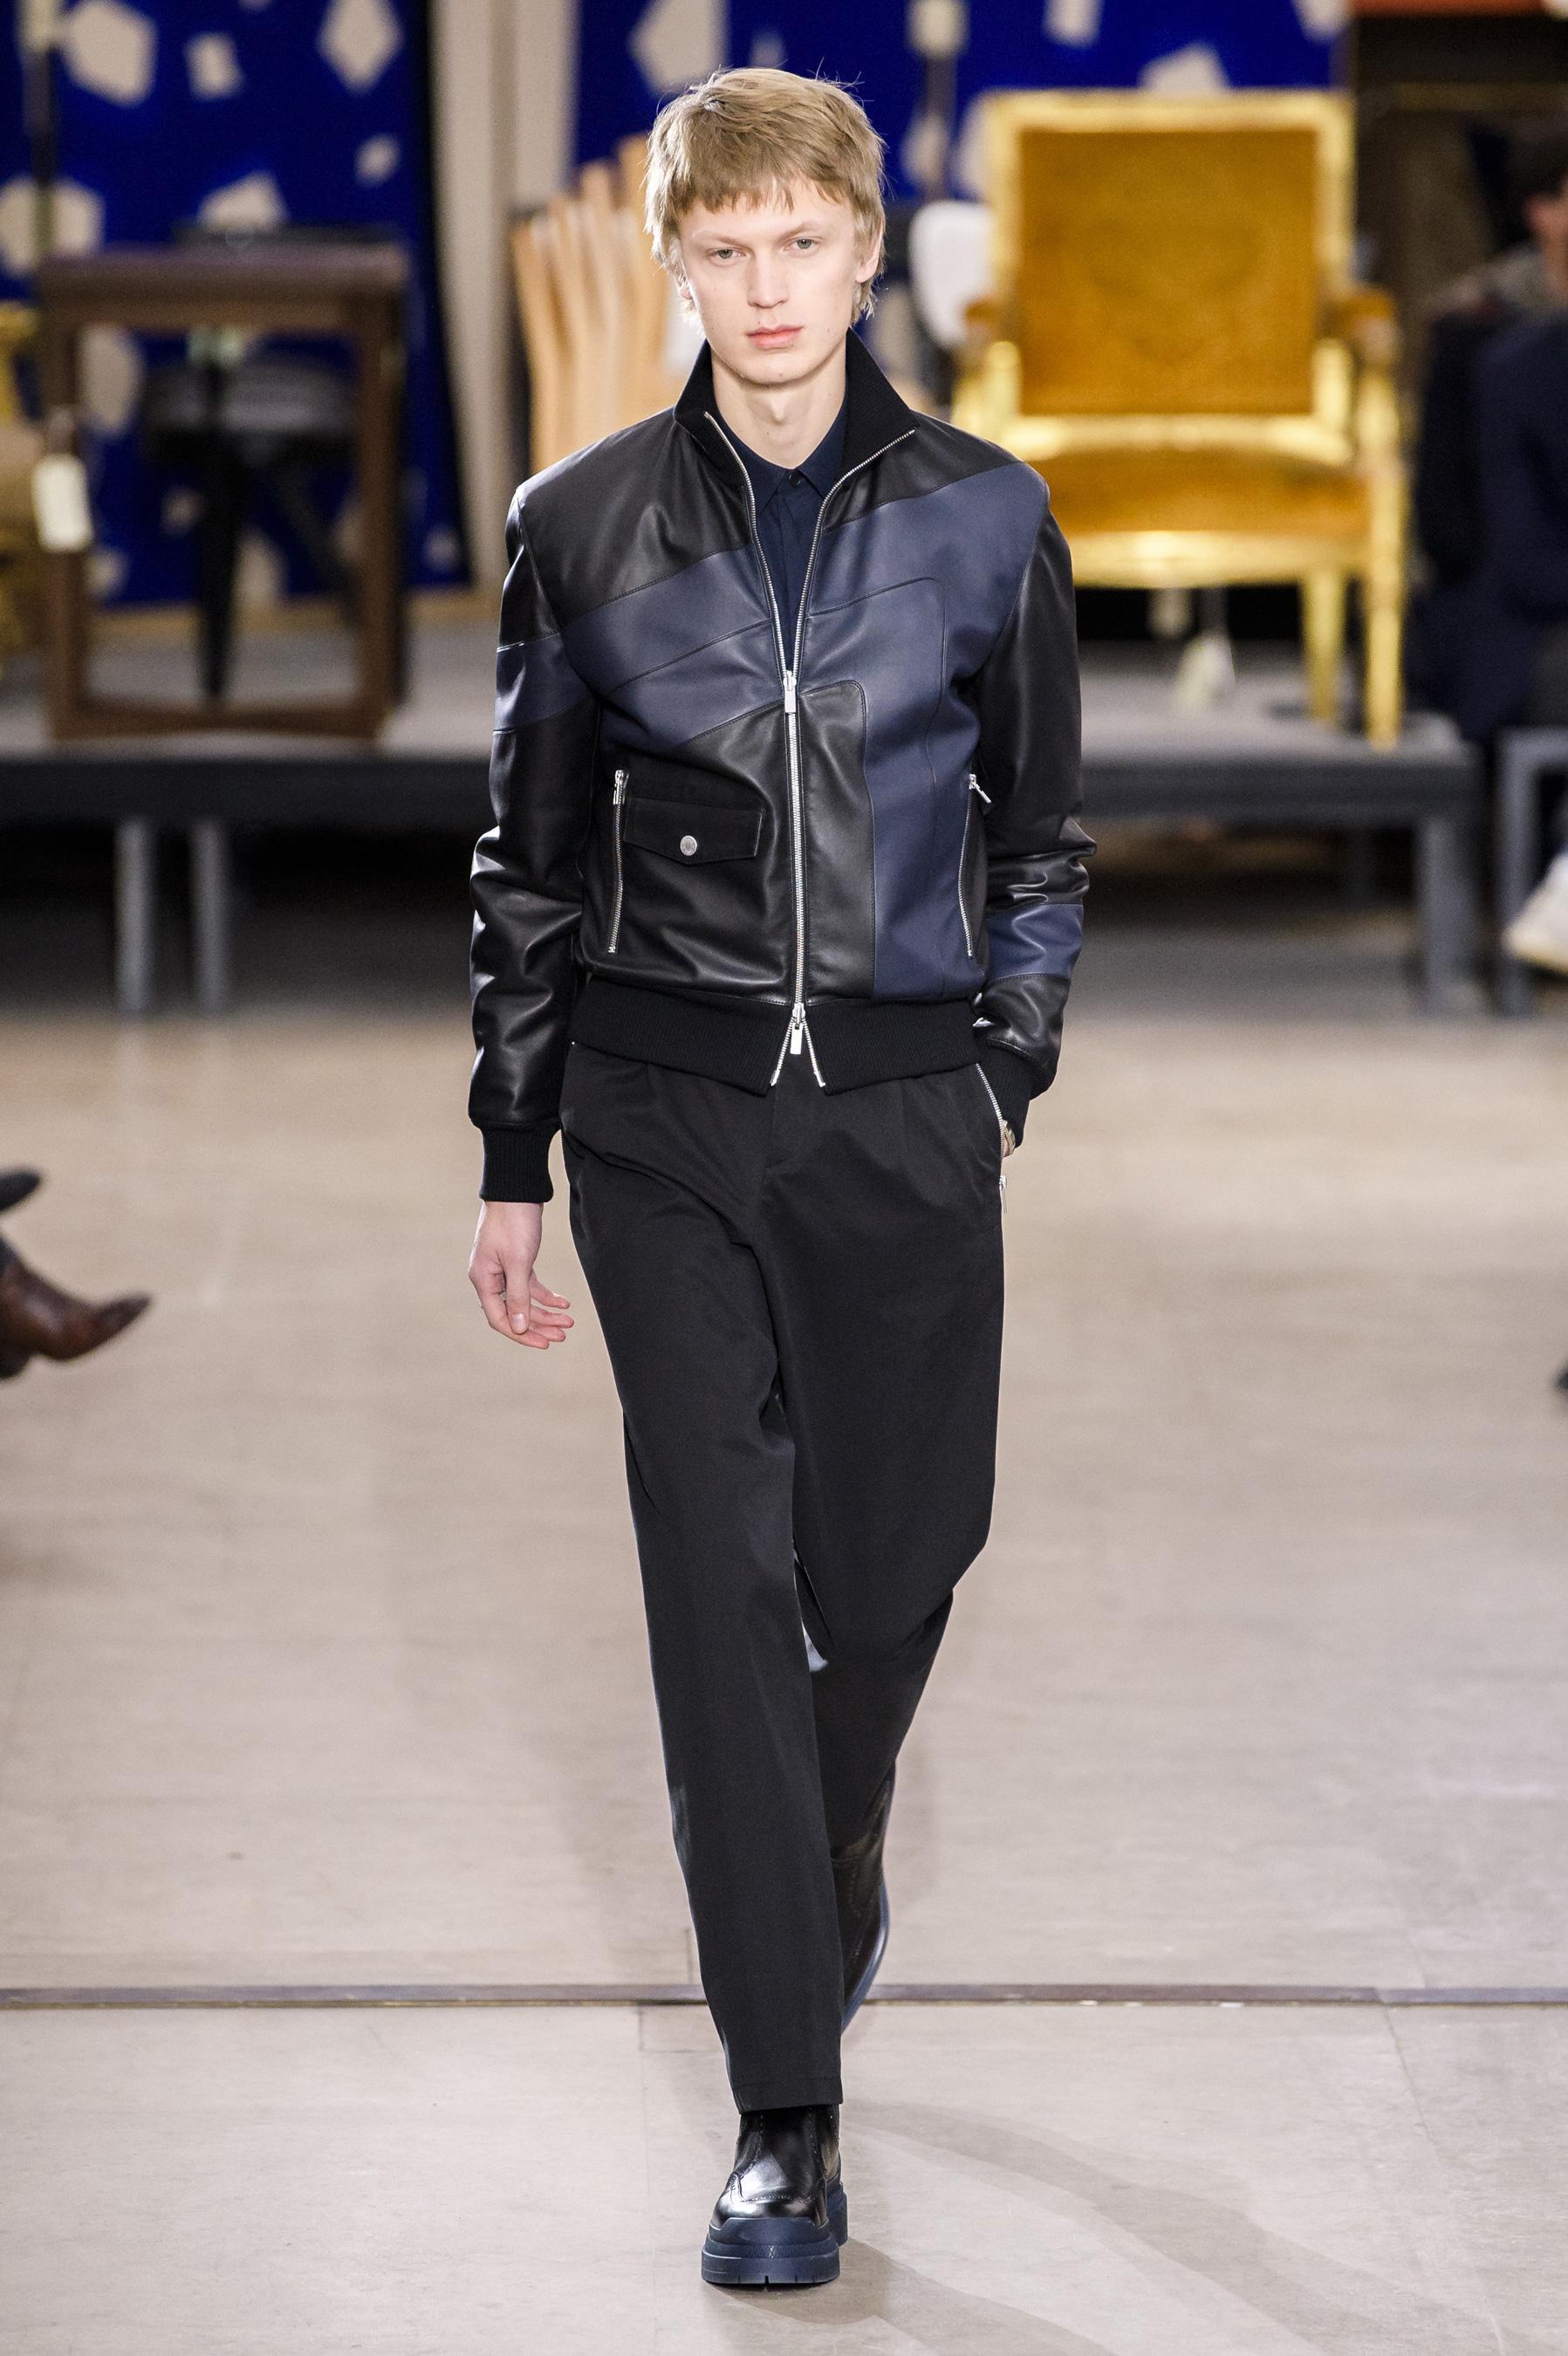 10c936f0999 Défilé Hermès automne-hiver 2019-2020 Homme - Madame Figaro